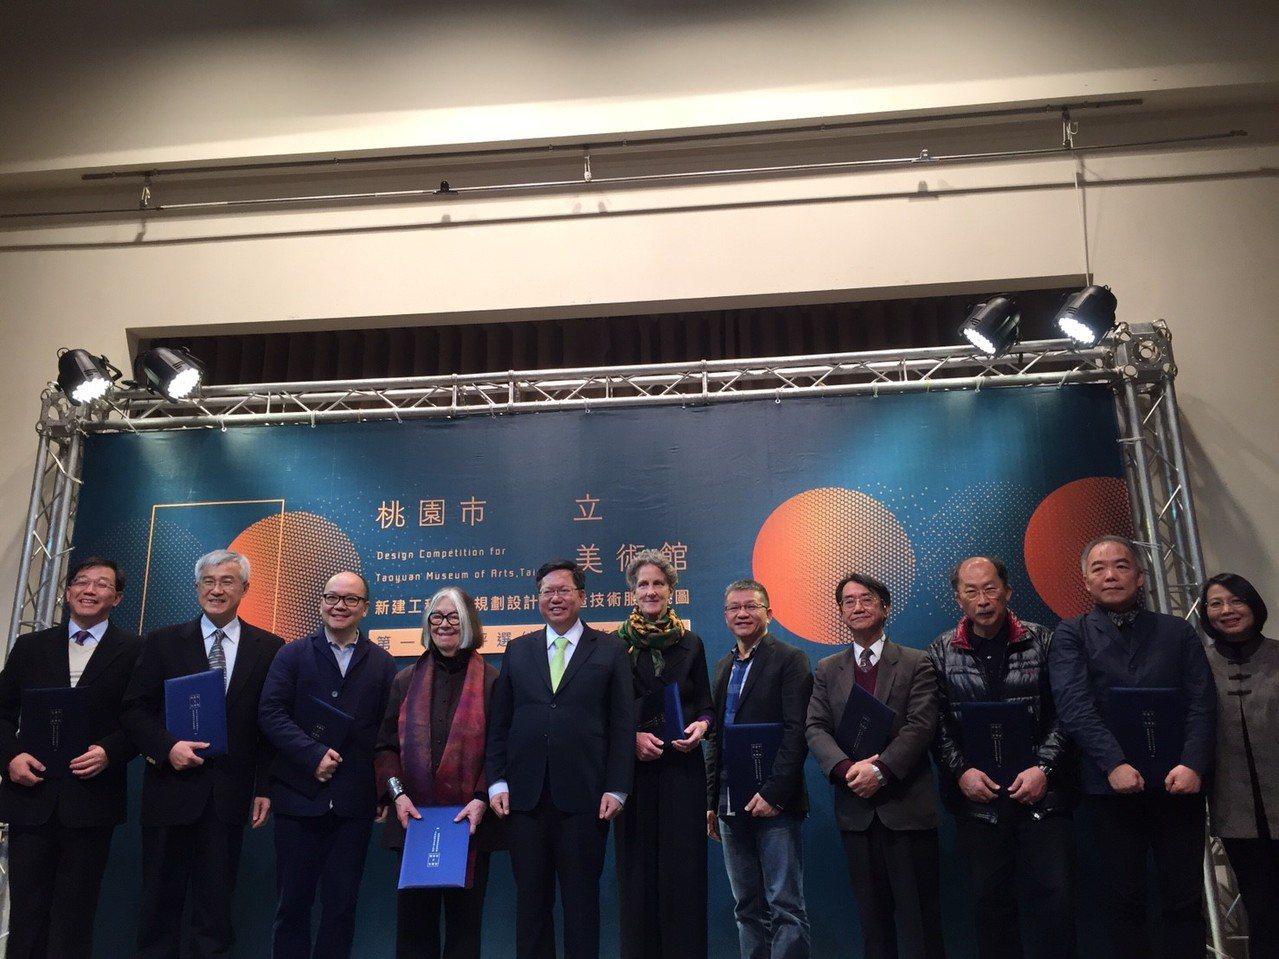 桃園新建市立美術館第一階段入圍團隊名單揭曉,市長鄭文燦(左5)與評審團合影並說明...